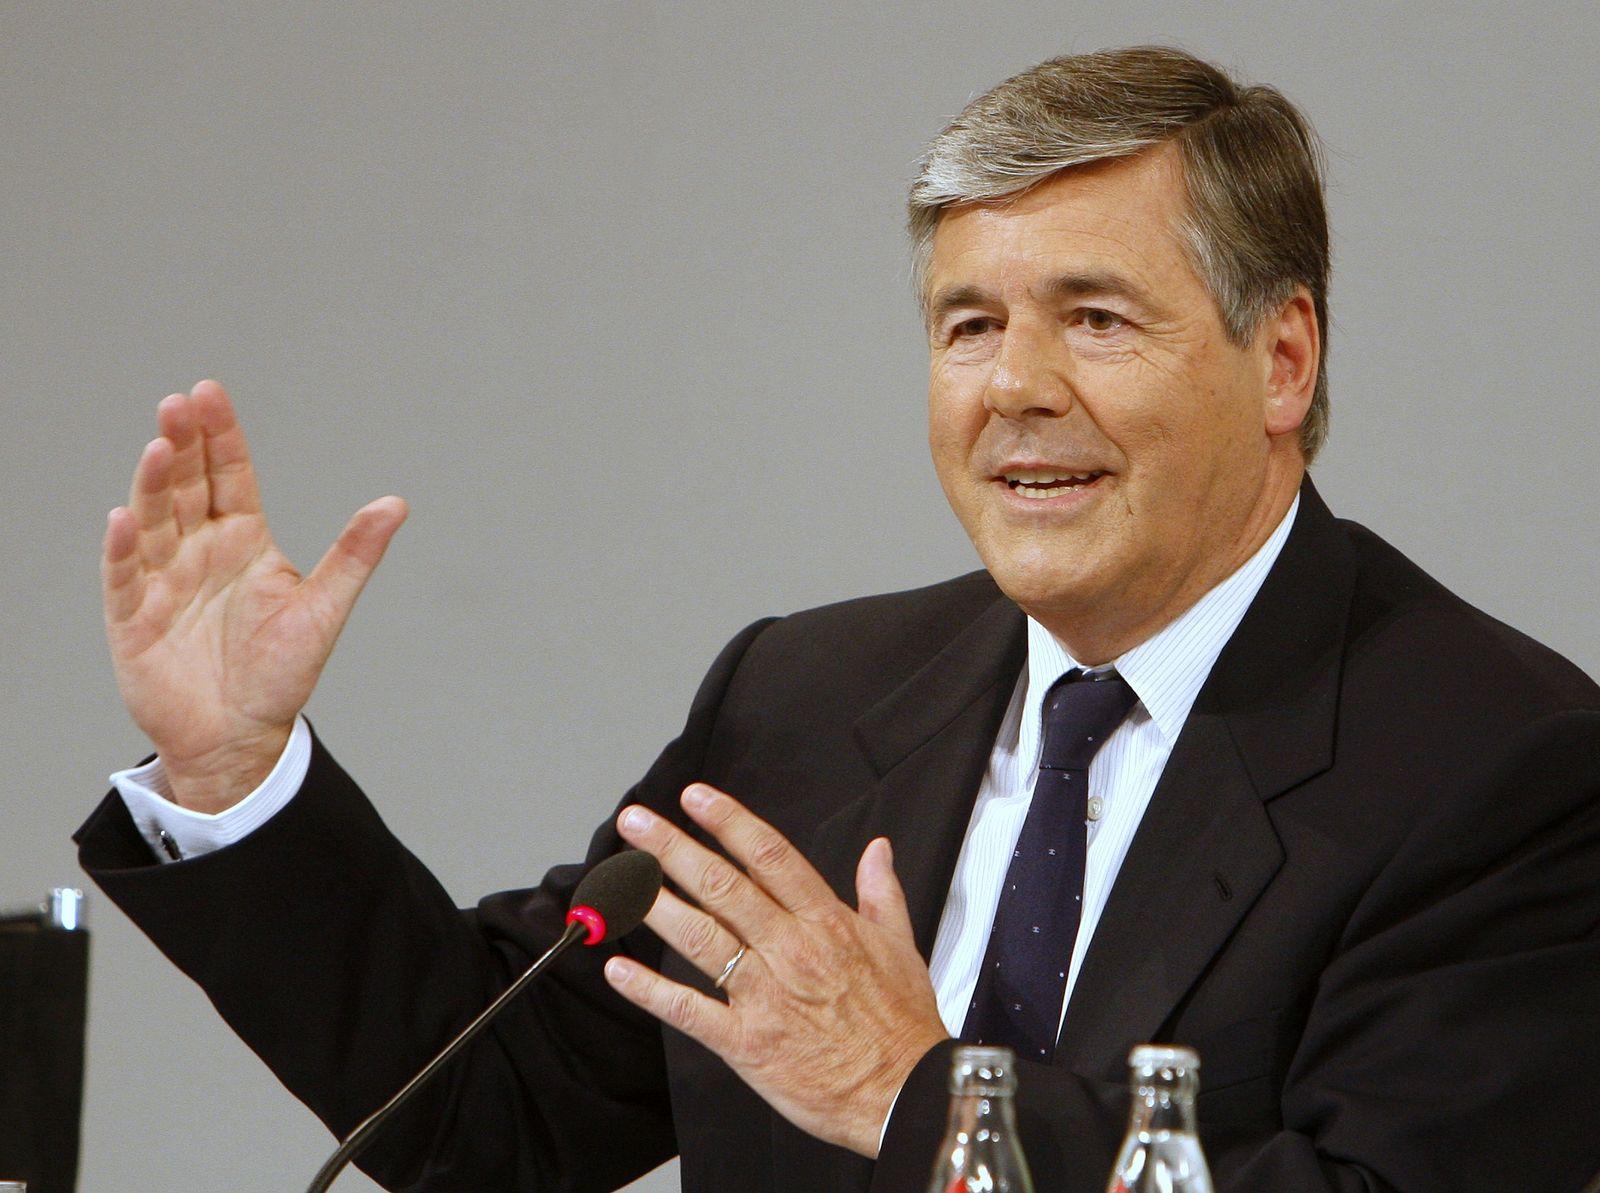 Germany Deutsche Bank Postbank